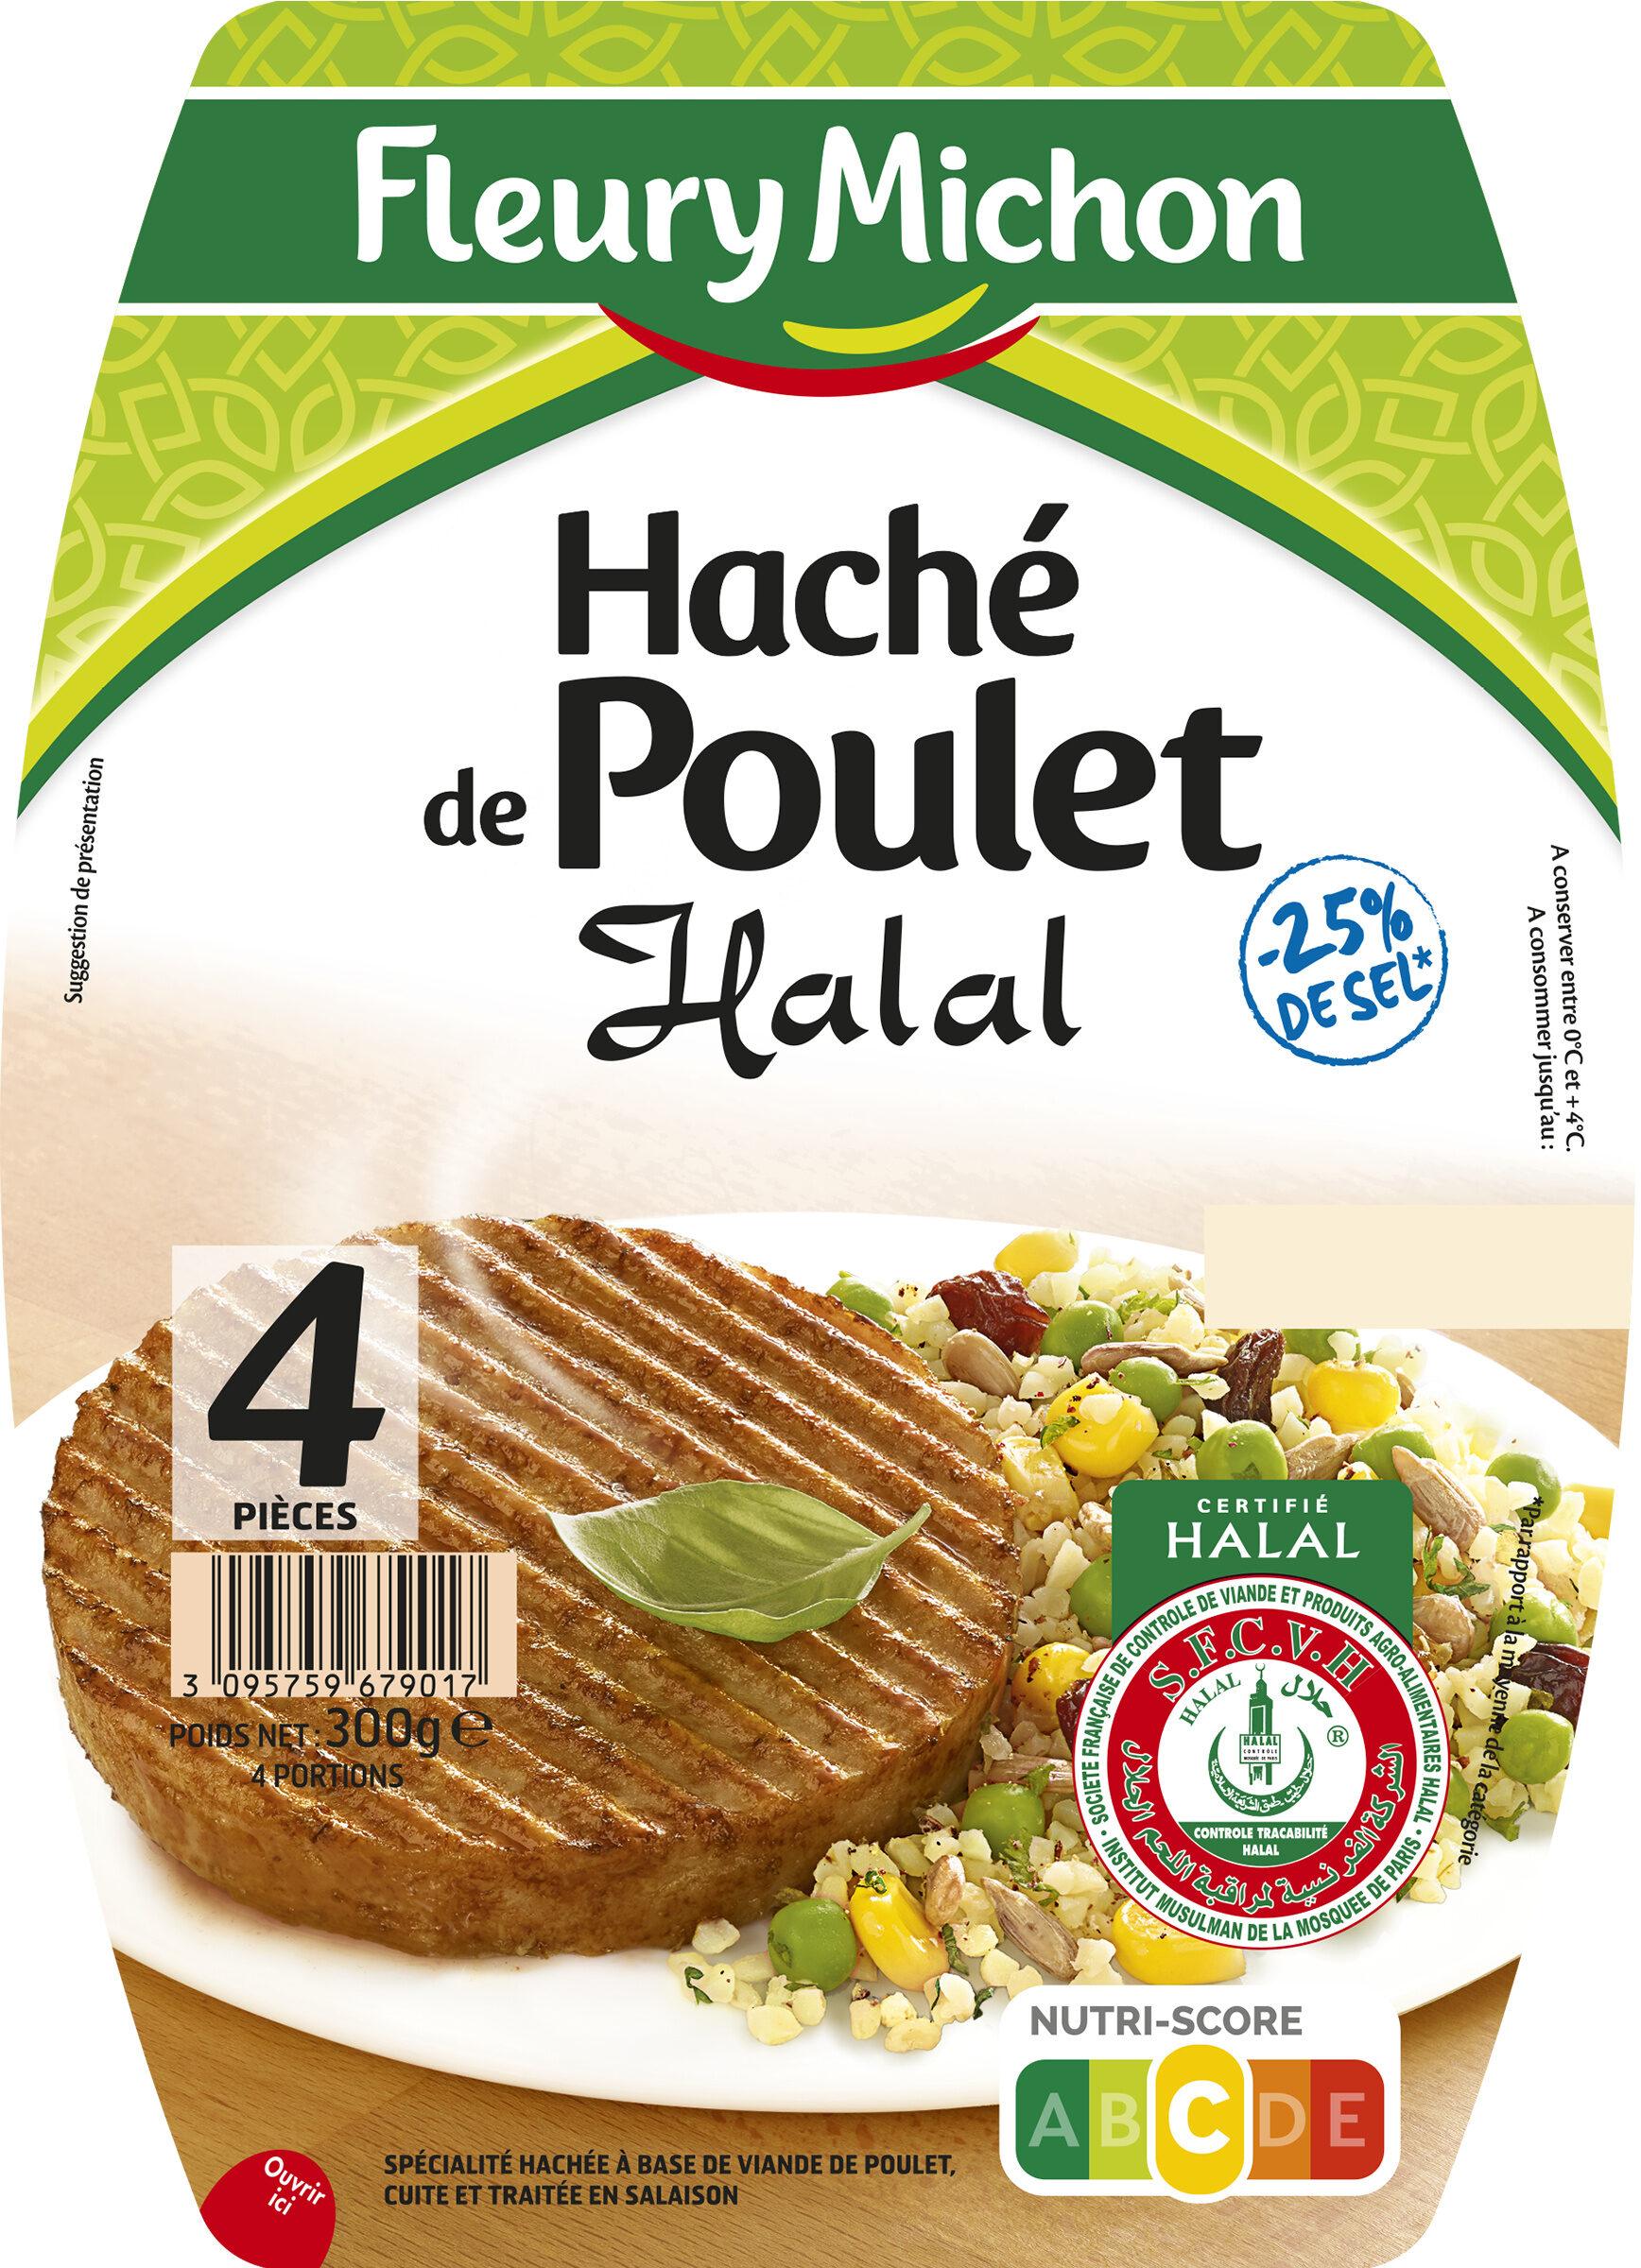 Le haché de poulet Halal - 25% de sel  - 4 pièces - Produit - fr